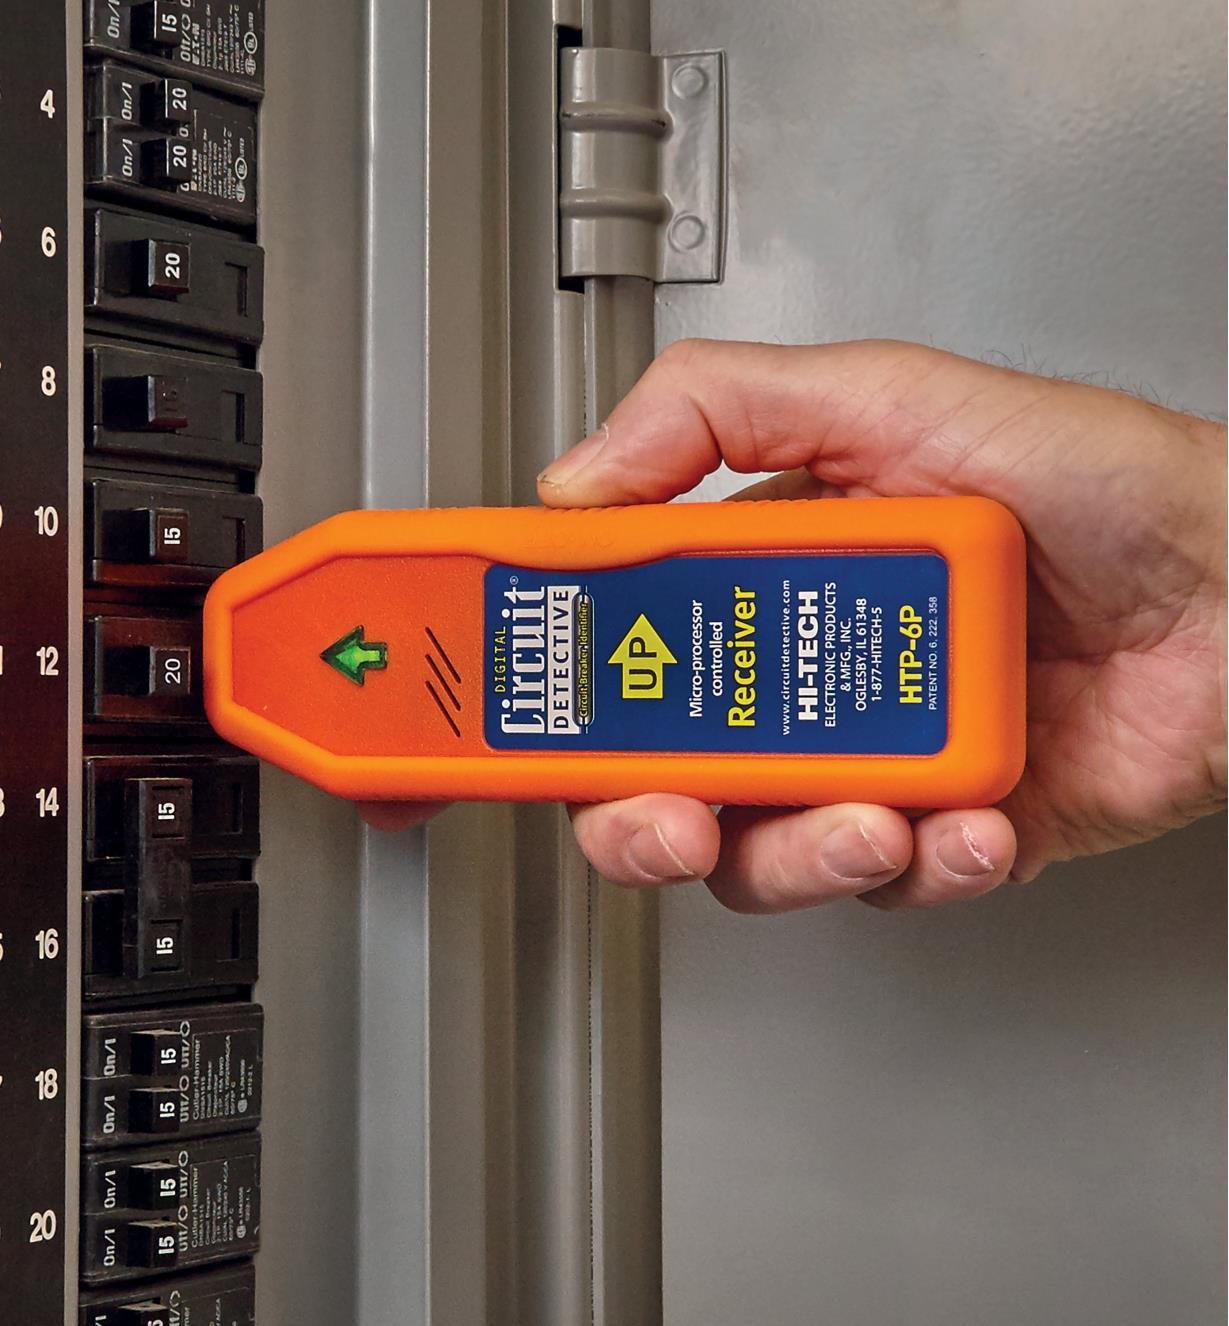 99W8977 - Circuit Breaker Tracer